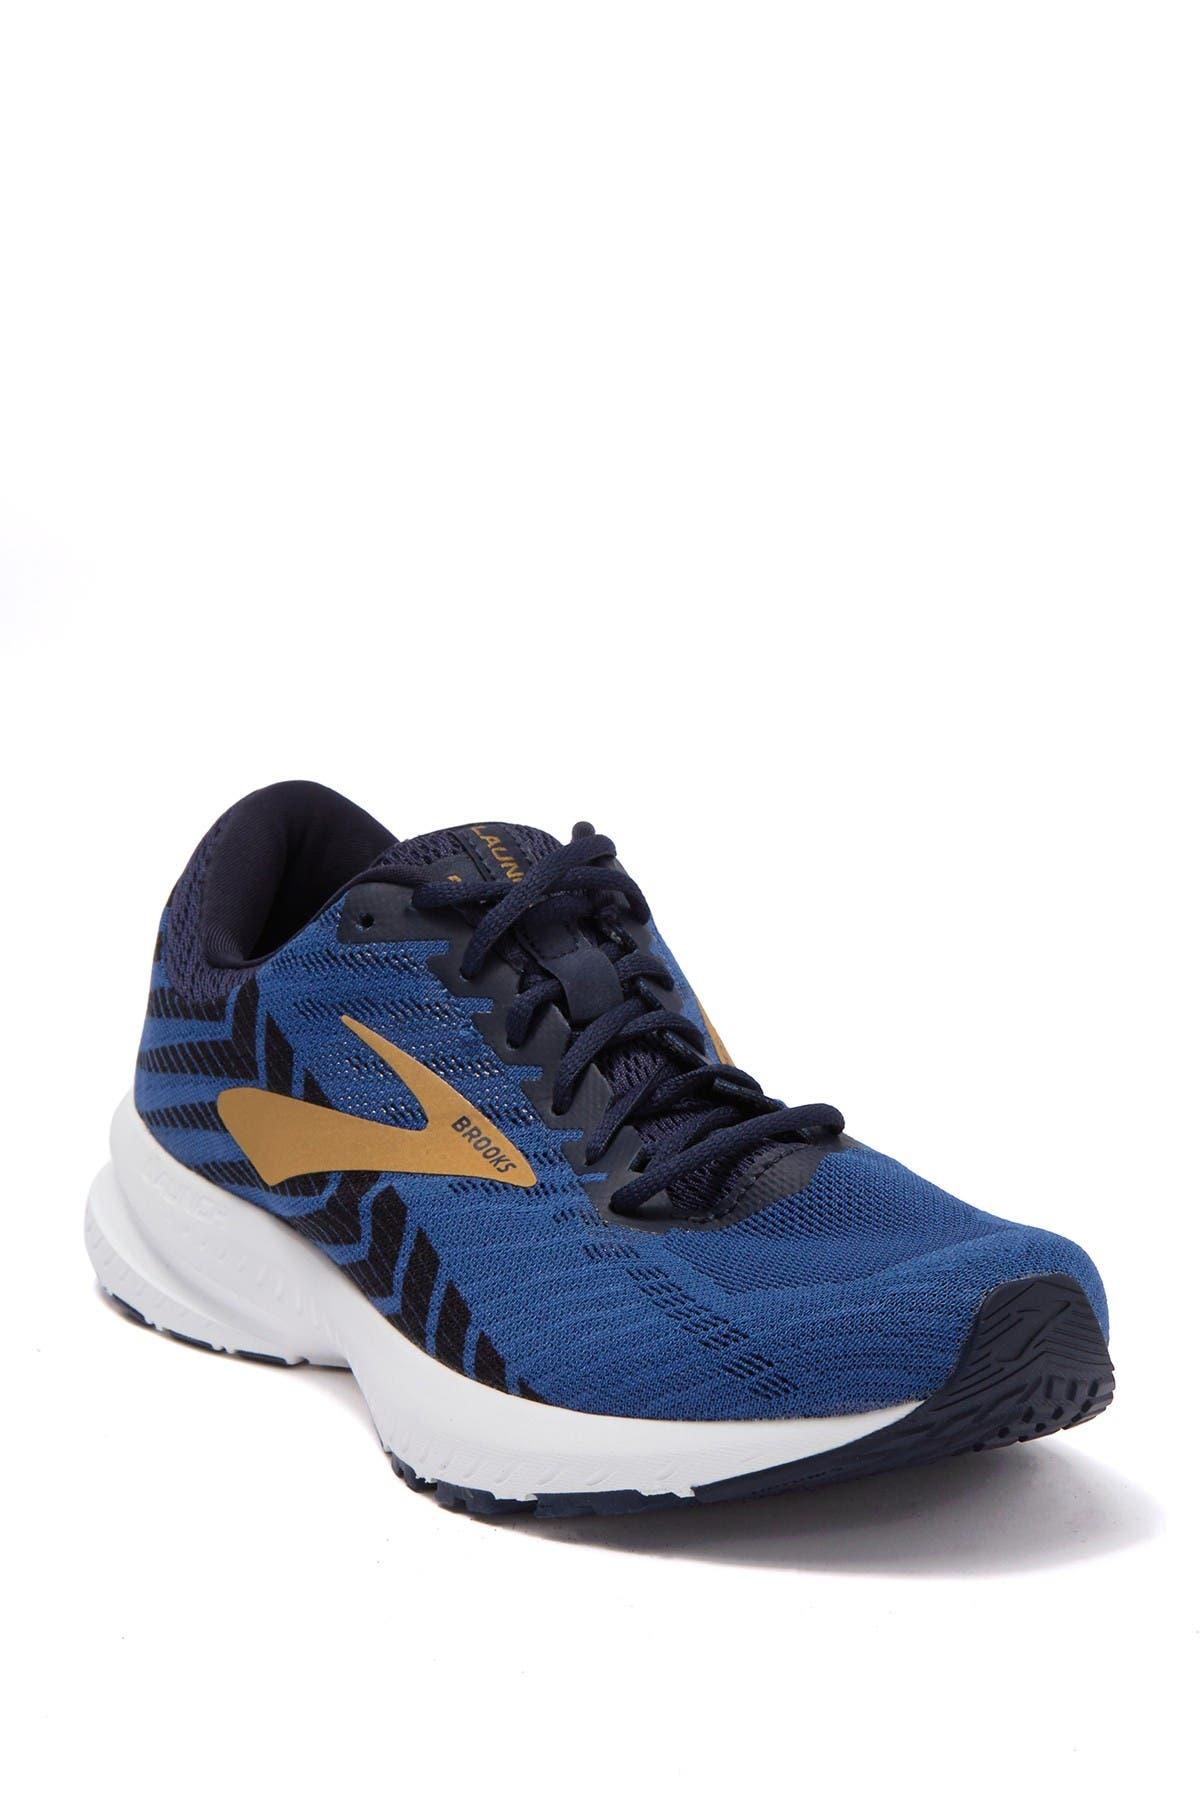 Brooks | Launch 6 Running Shoe